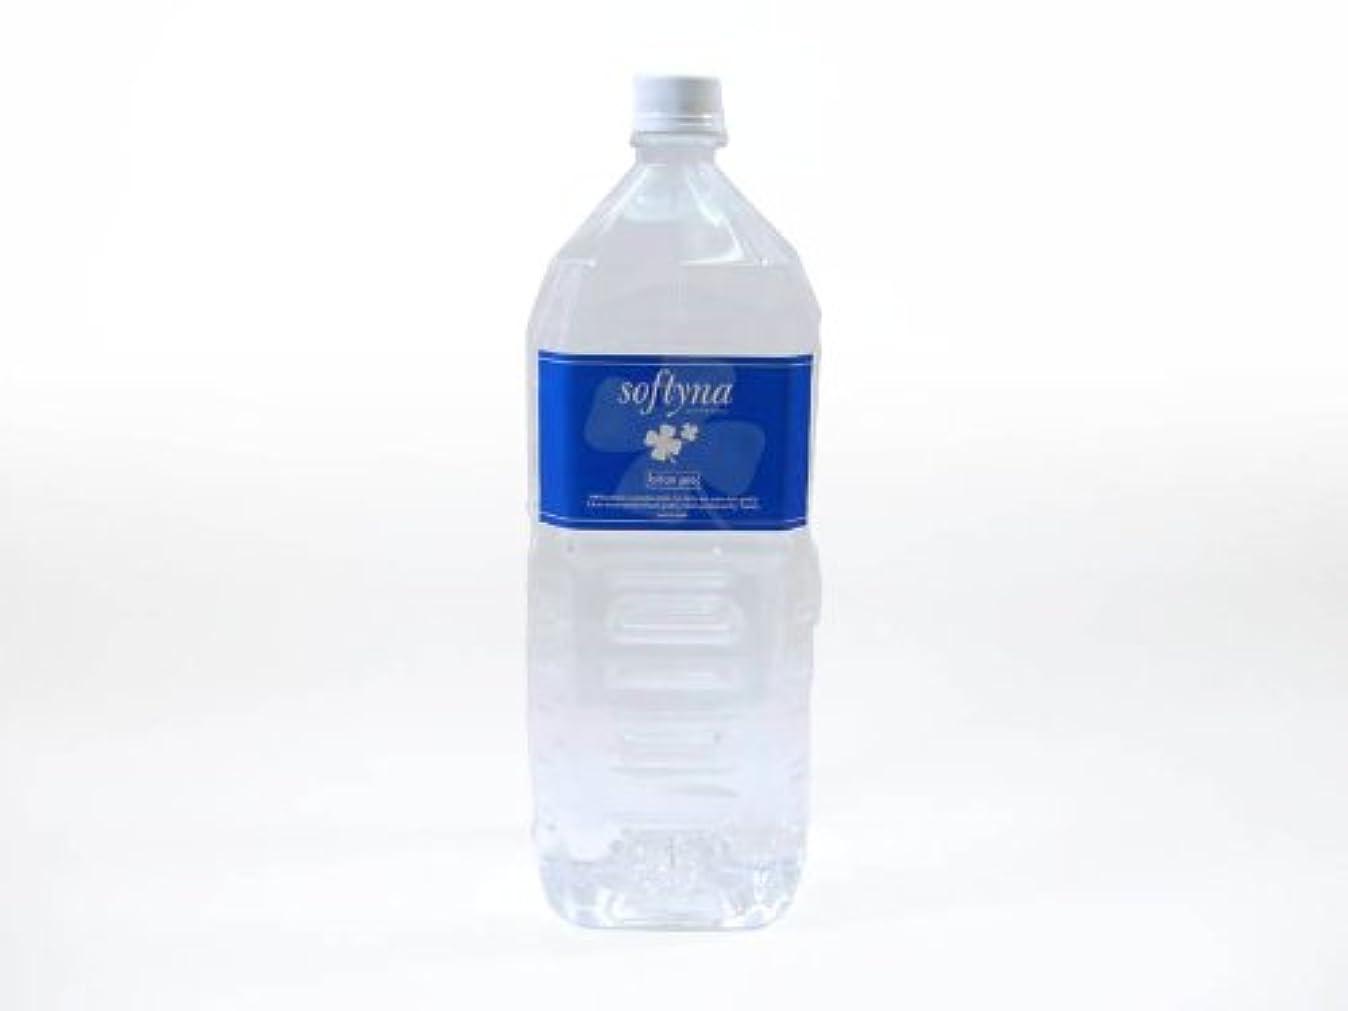 スロベニアはげ間に合わせ業務用 ソフティナローション 2L 潤滑剤